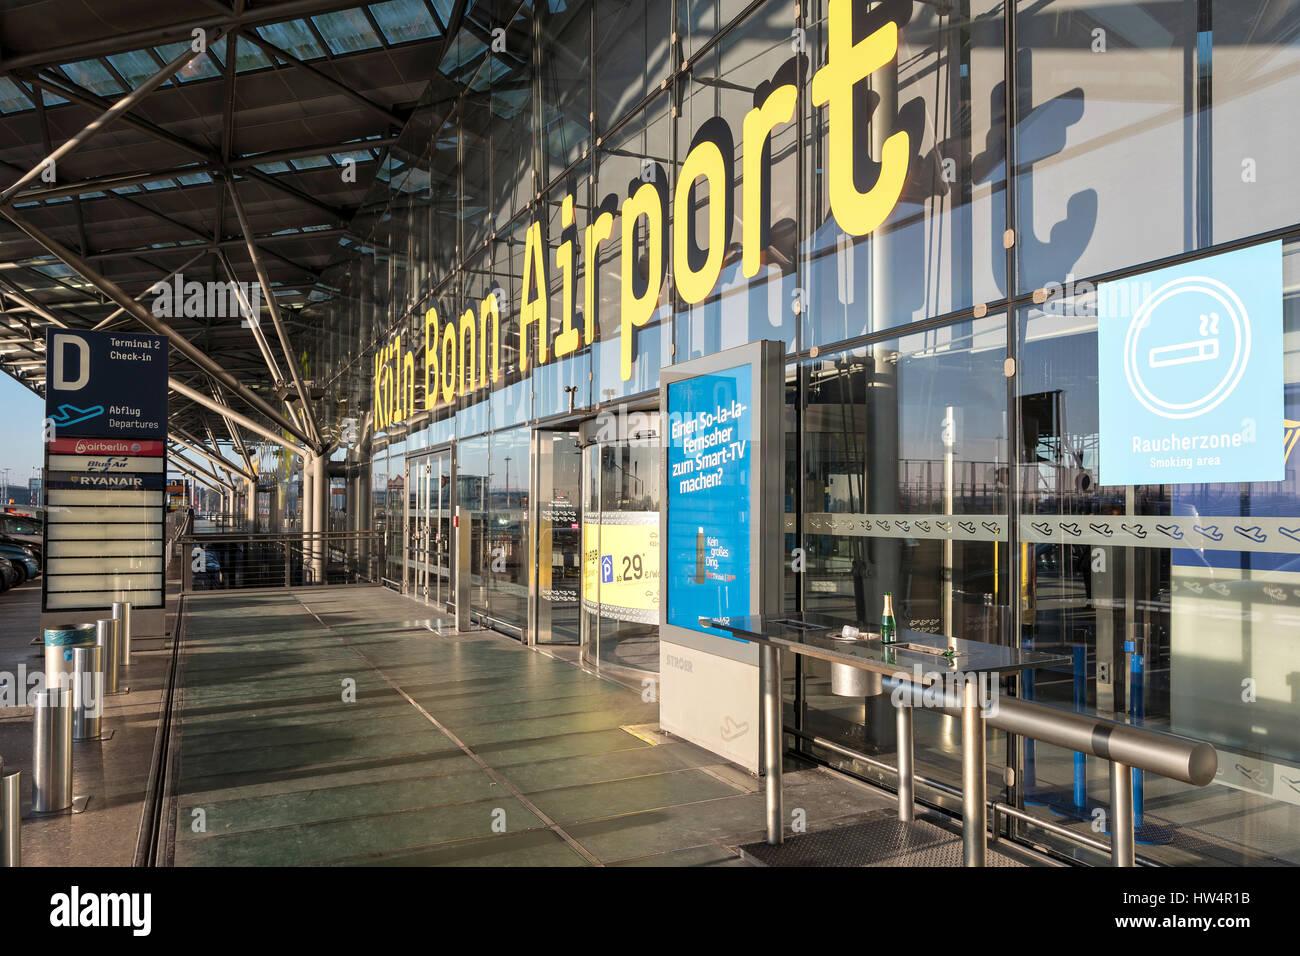 Abflug koeln bonn flughafen Abflug Flughafen